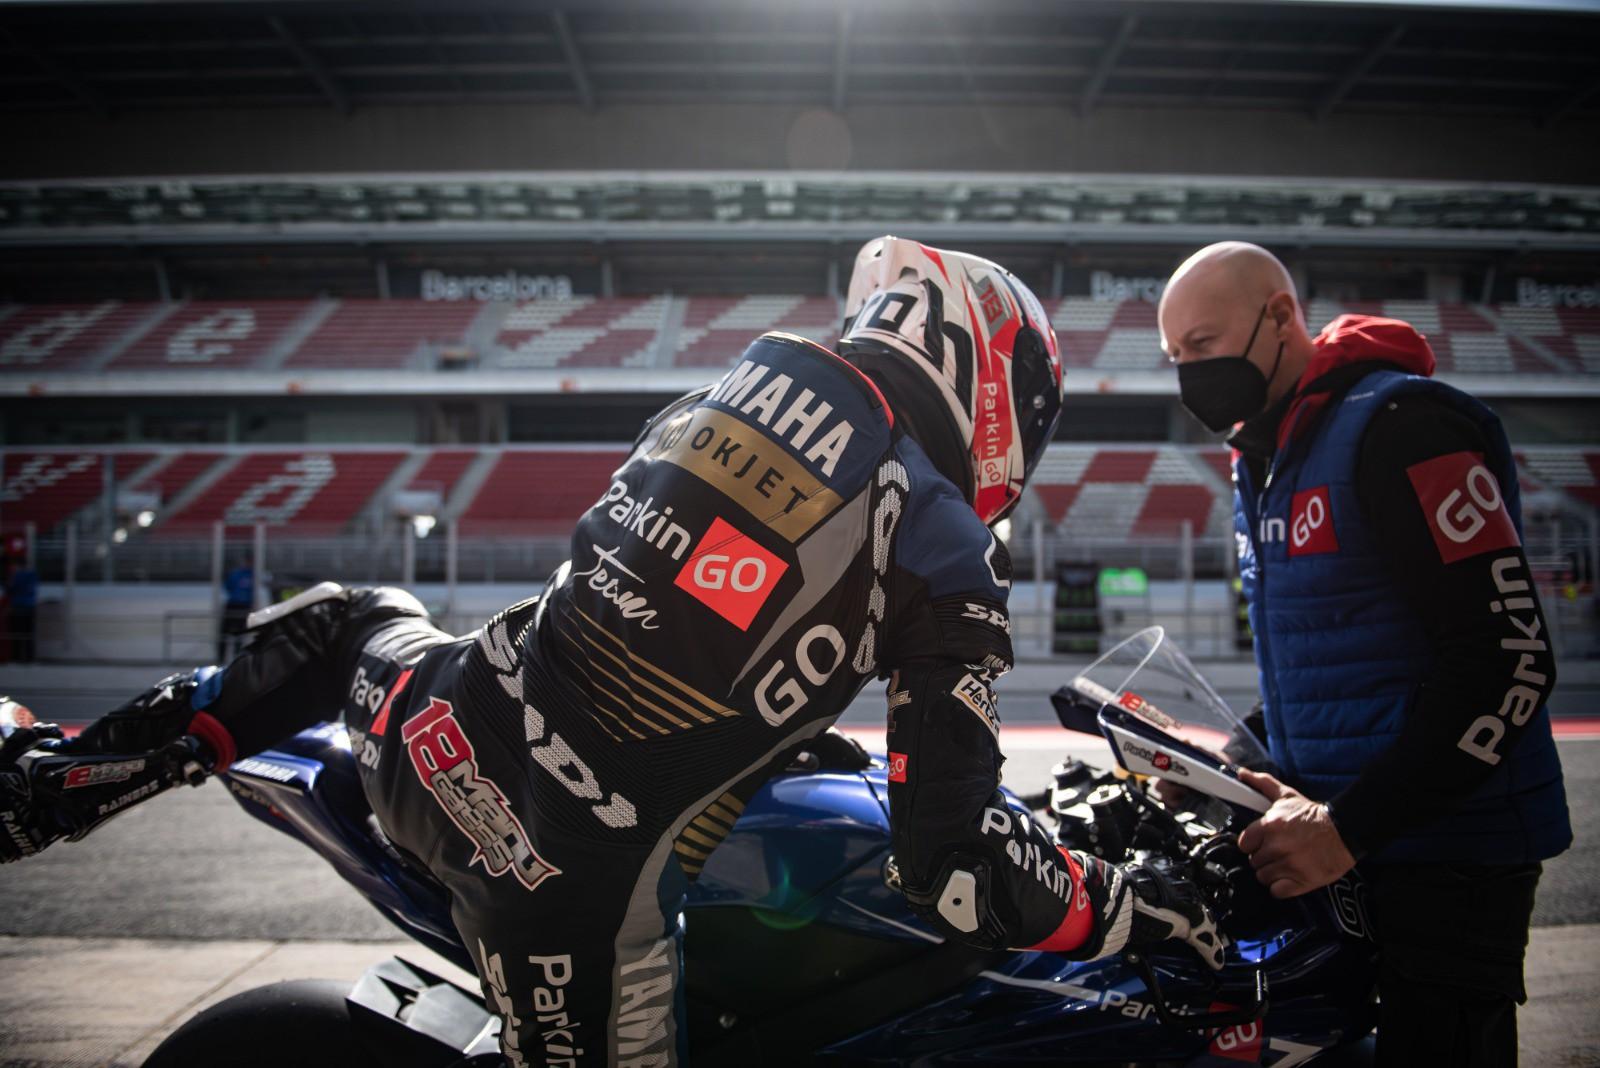 WSSP test Barcellona: Manuel Gonzalez subito veloce con la ParkinGO Yamaha in conformazione CIV